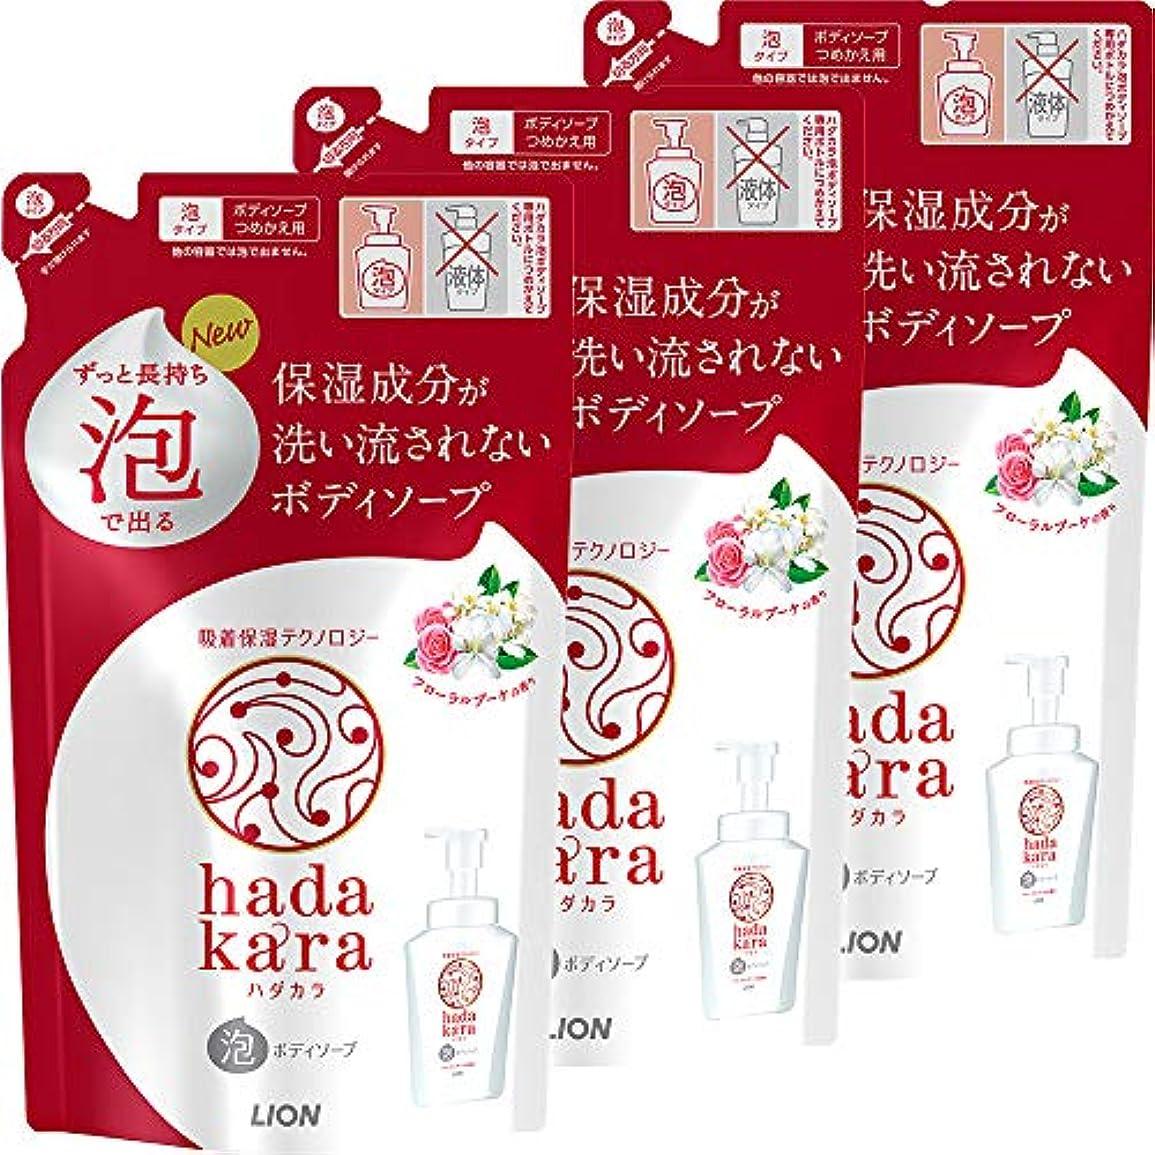 司書記事hadakara(ハダカラ) ボディソープ 泡タイプ フローラルブーケの香り 詰替440ml×3個